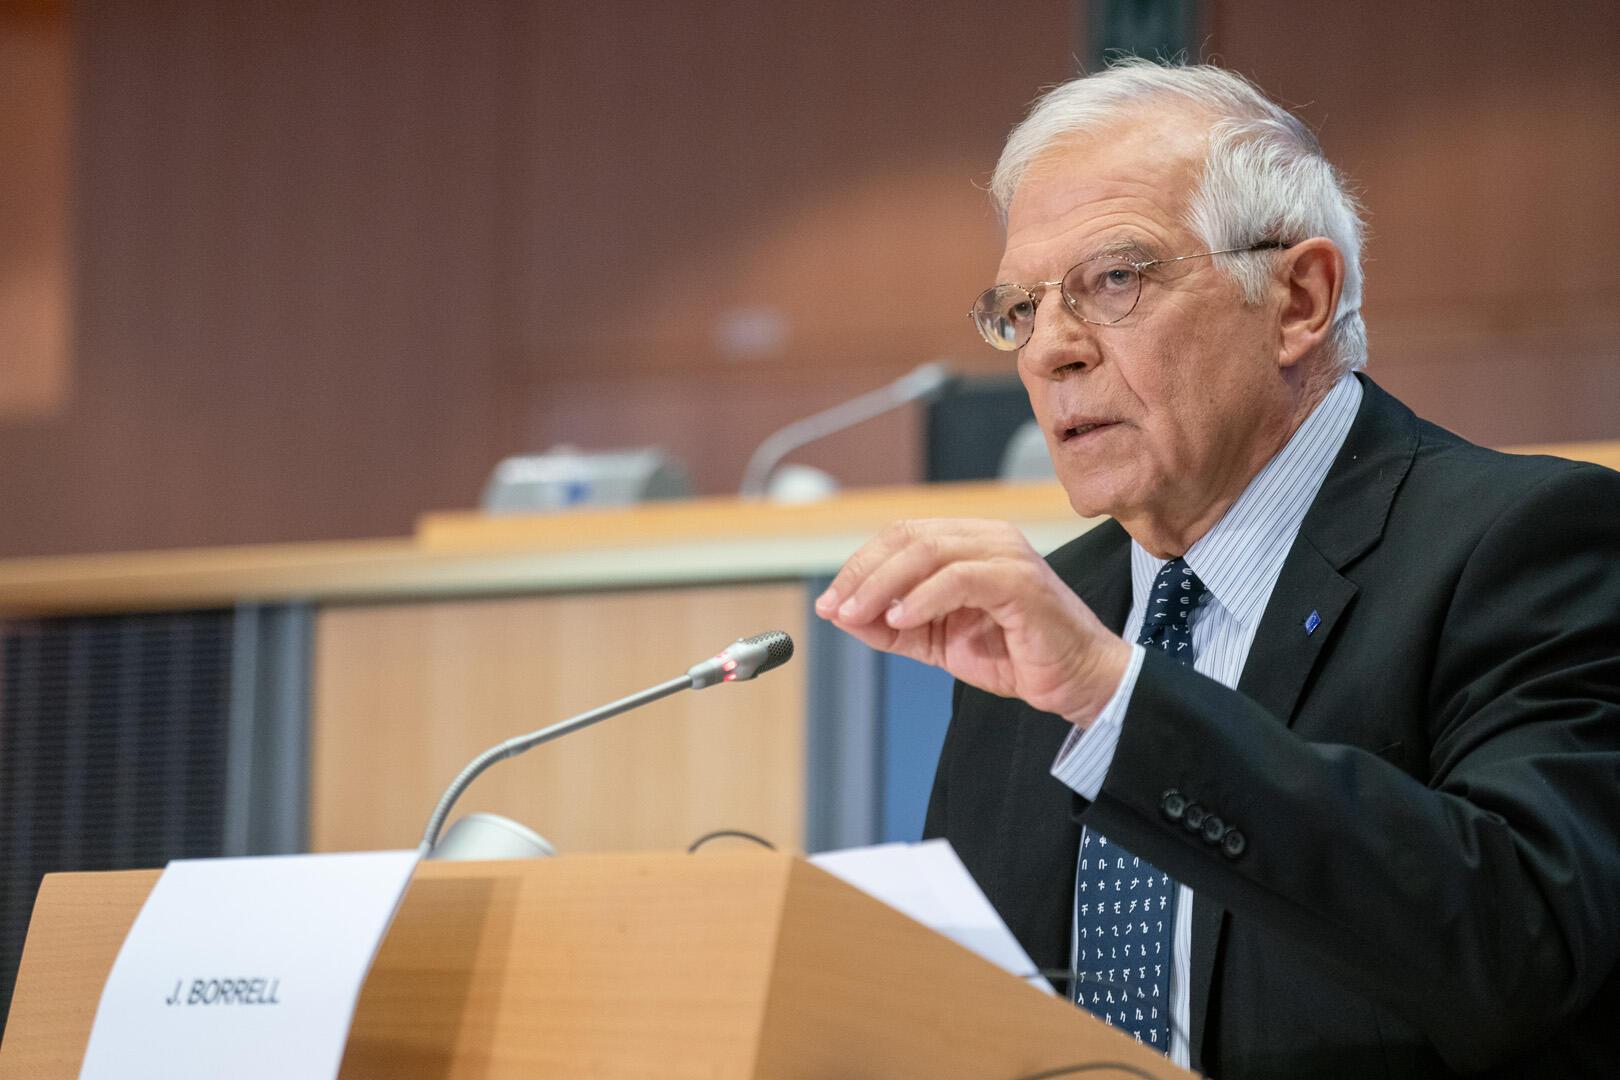 چوزپ بورل نمایندۀ سیاست خارجی اتحادیۀ اروپا